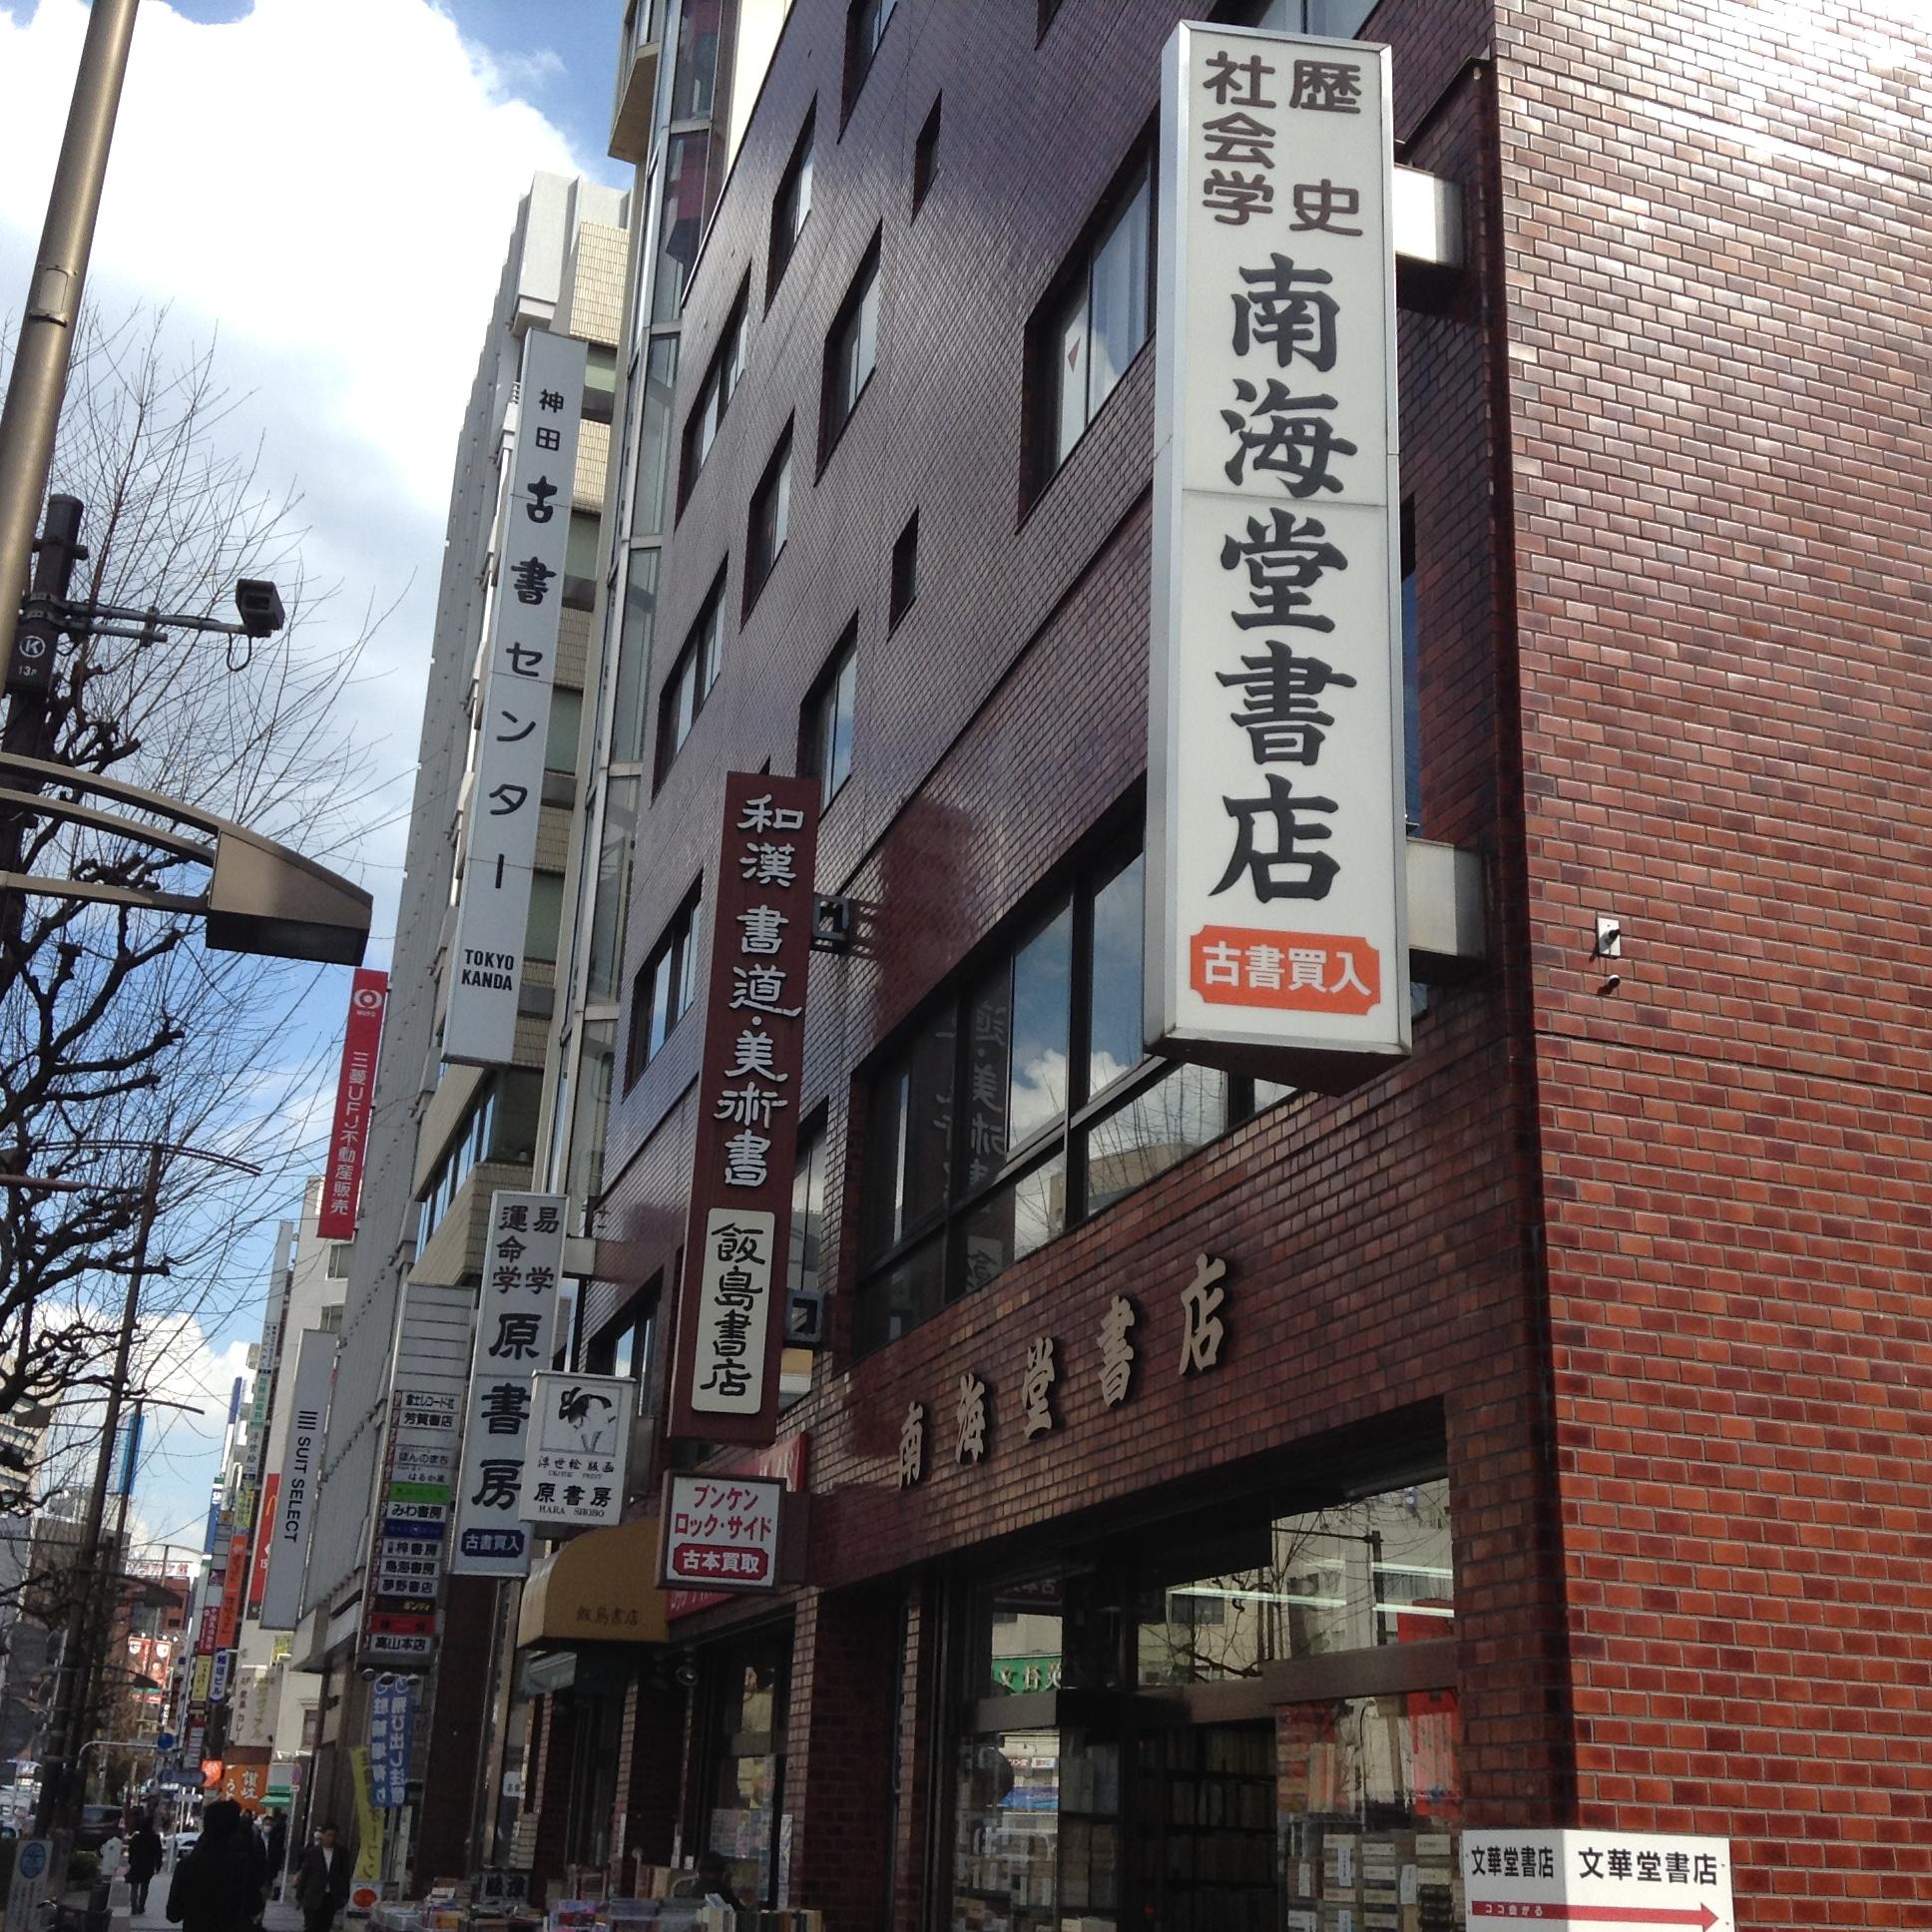 神田神保町 古書店街